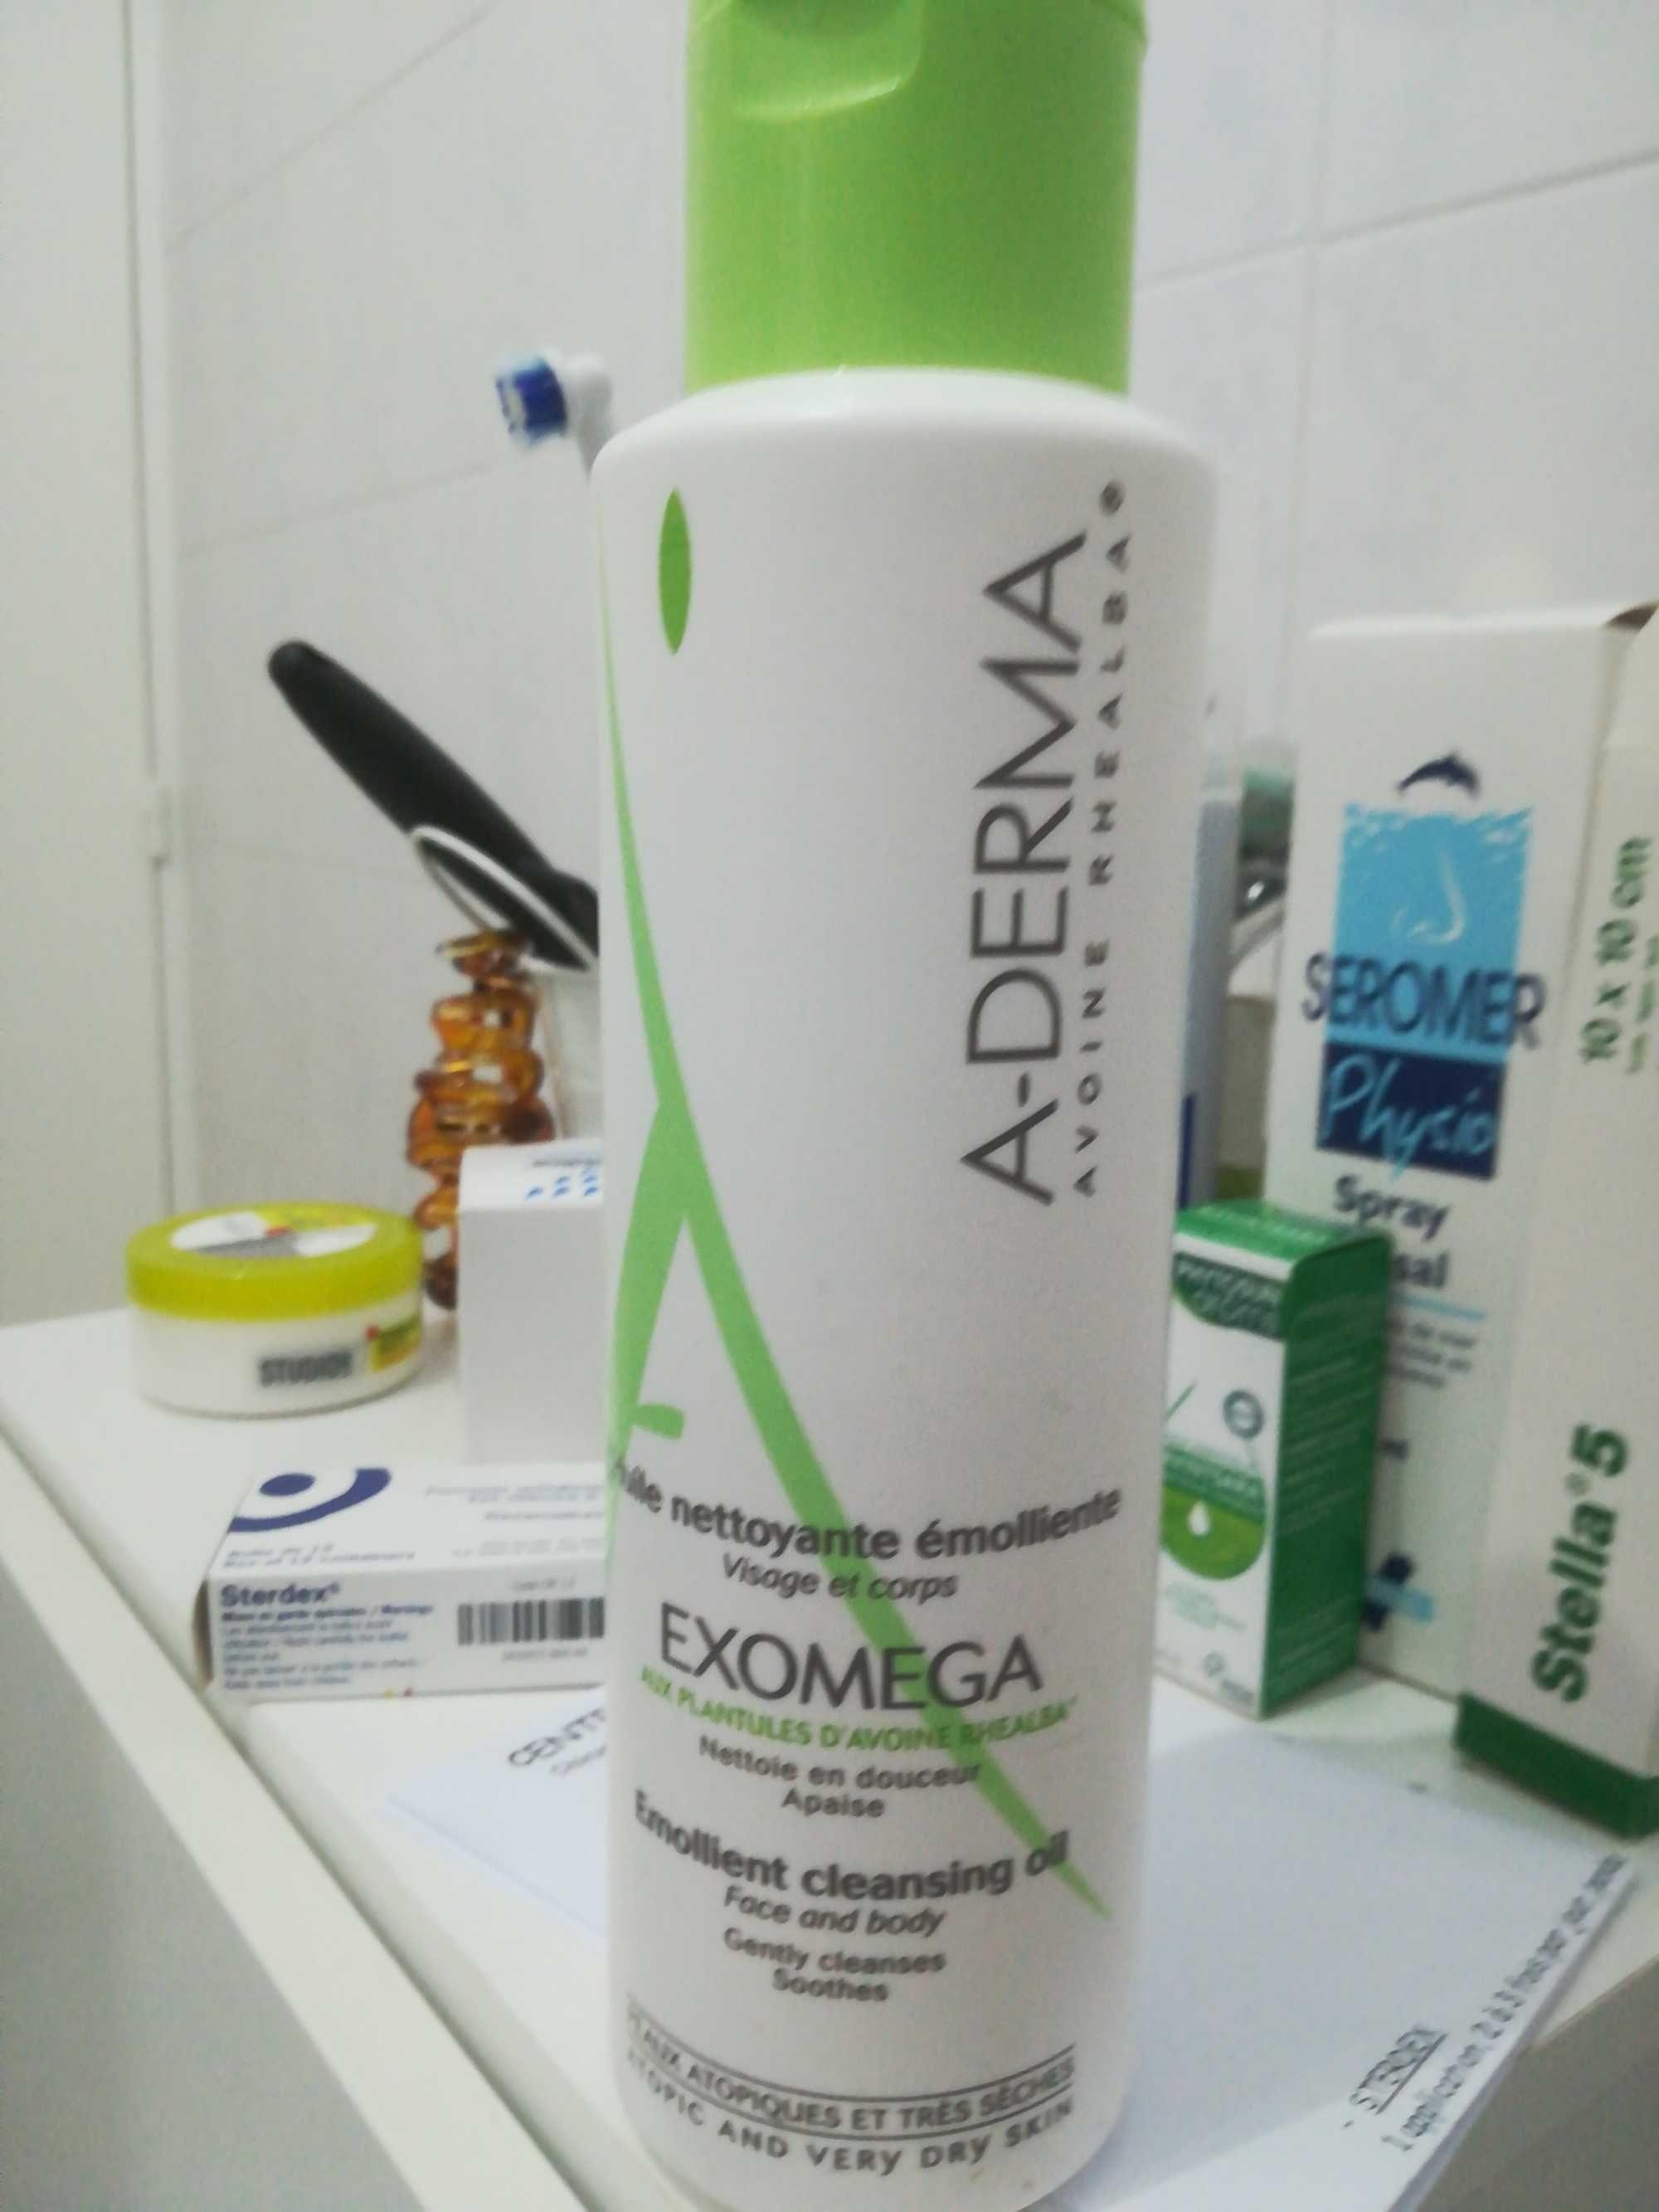 Exomega - Product